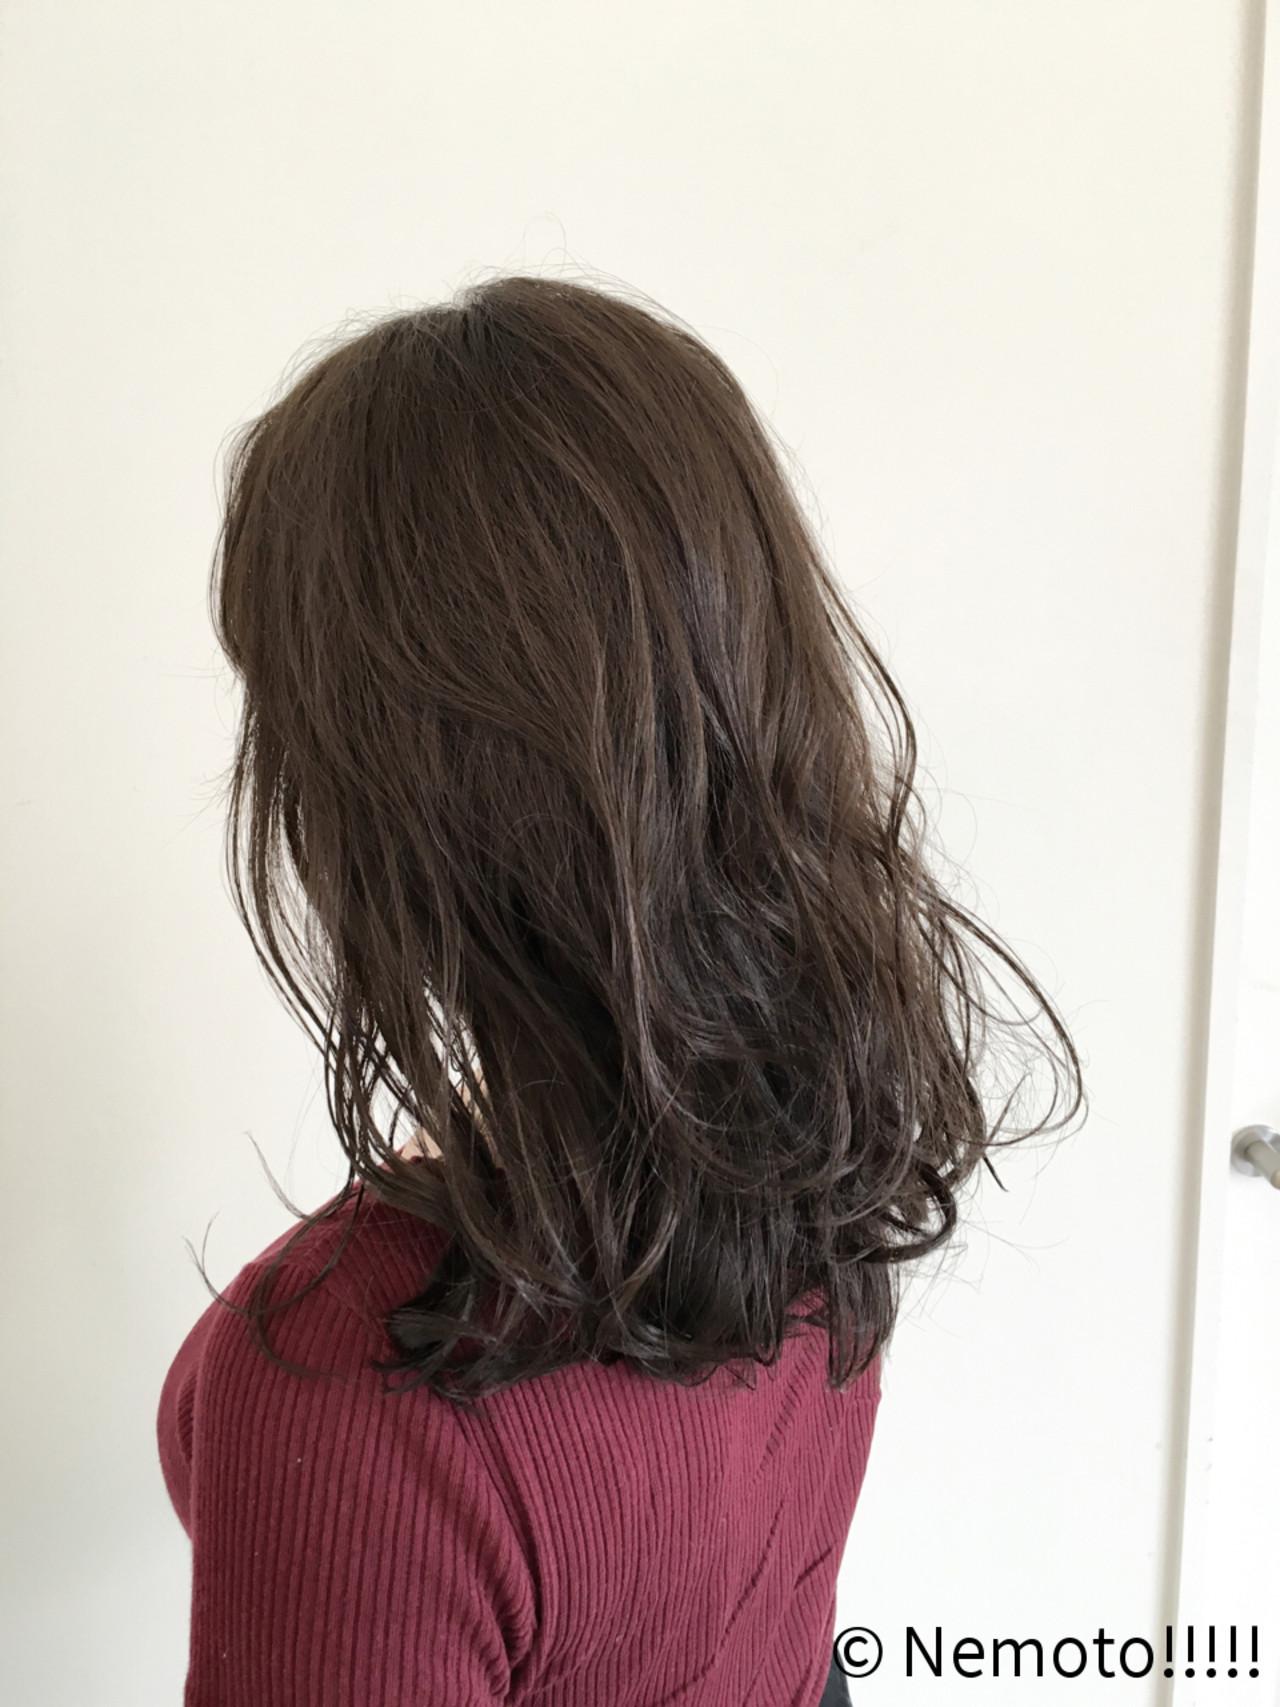 次の髪色はこれで決まり。話題のグレージュ総まとめ! Nemoto!!!!!